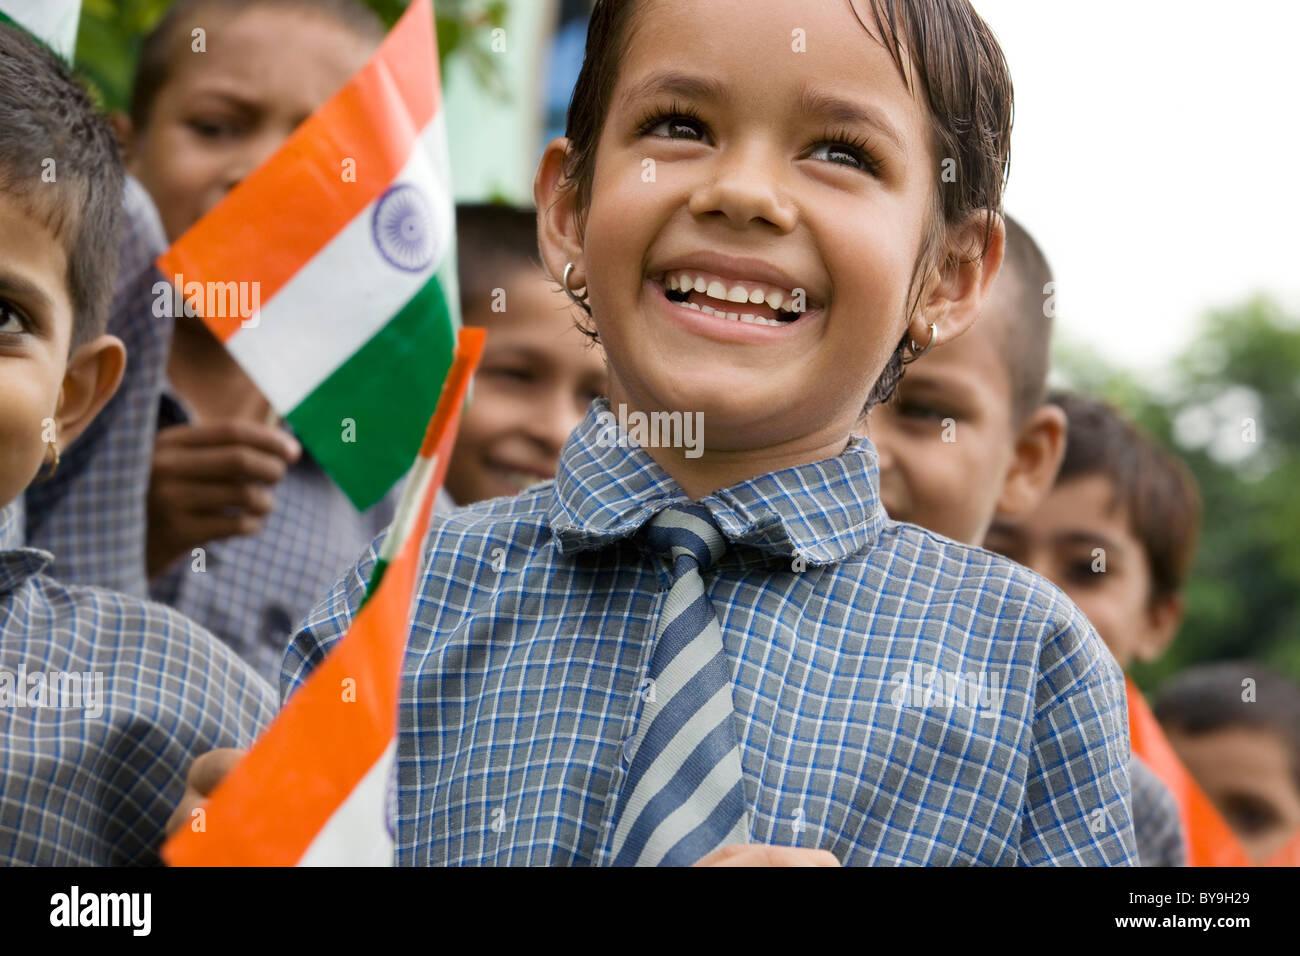 Fille de l'école célèbre le Jour de l'indépendance Photo Stock